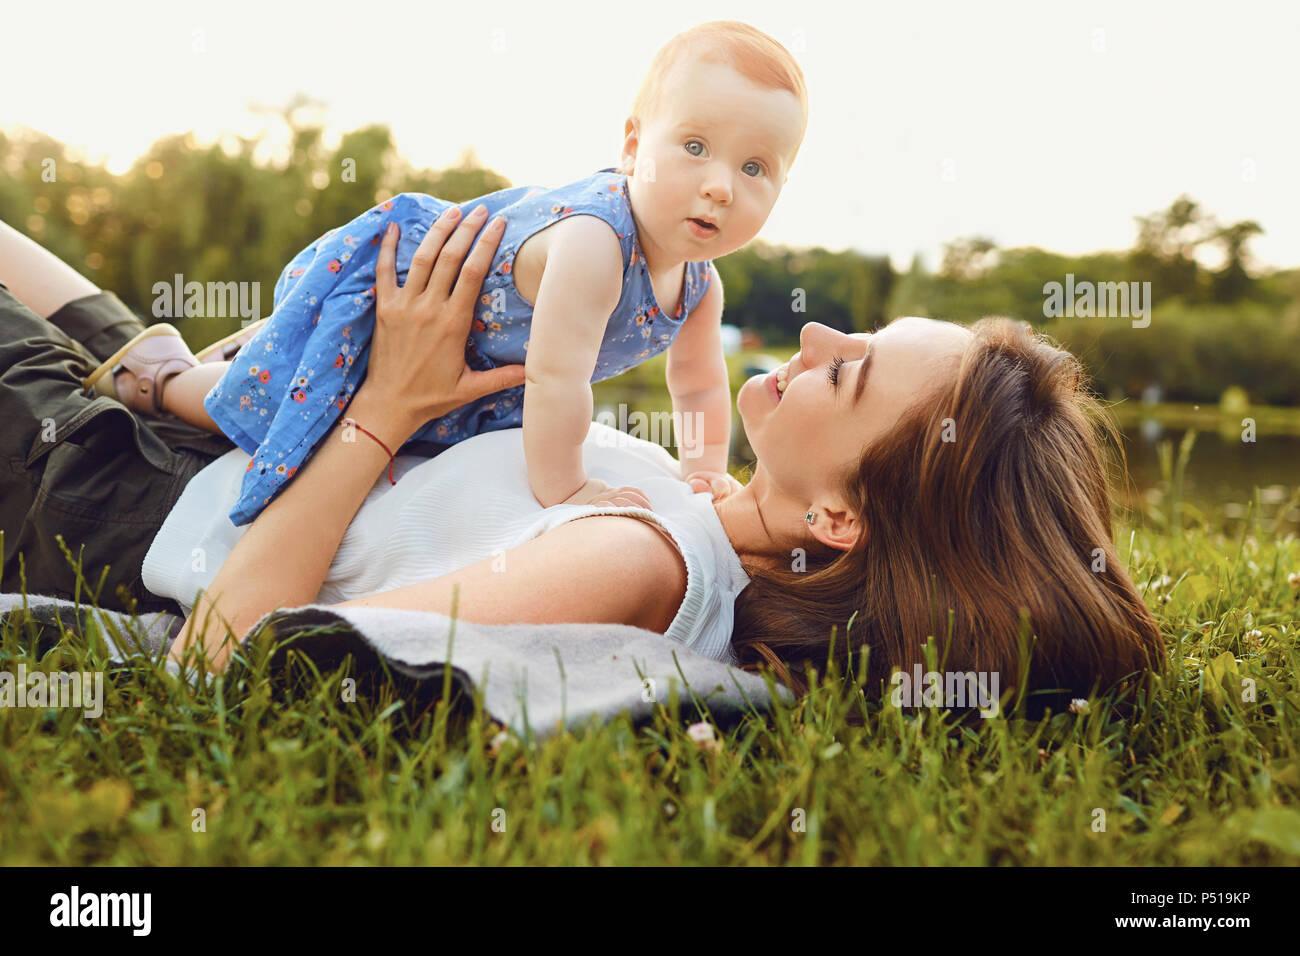 La madre e il bambino gioca su erba nel parco. Immagini Stock